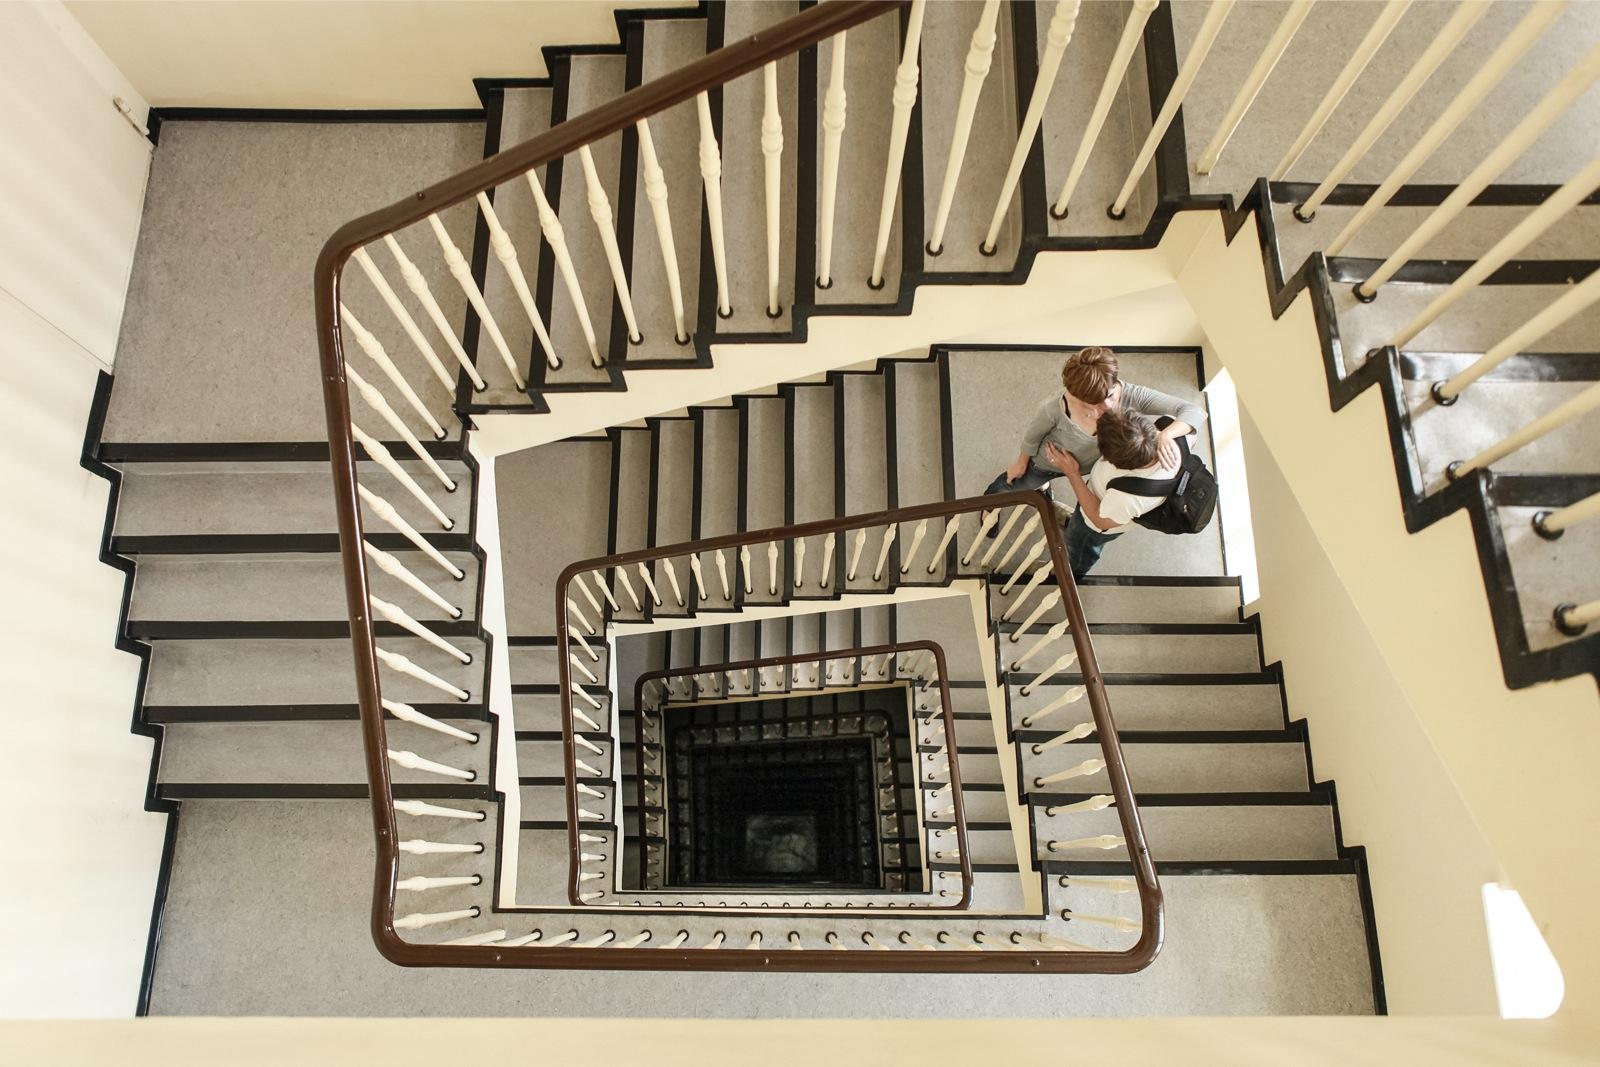 Het trappenhuis in een van de woontorens van Herman Henselmann aan de Frankfurter Tor. Foto: Amélie Losier